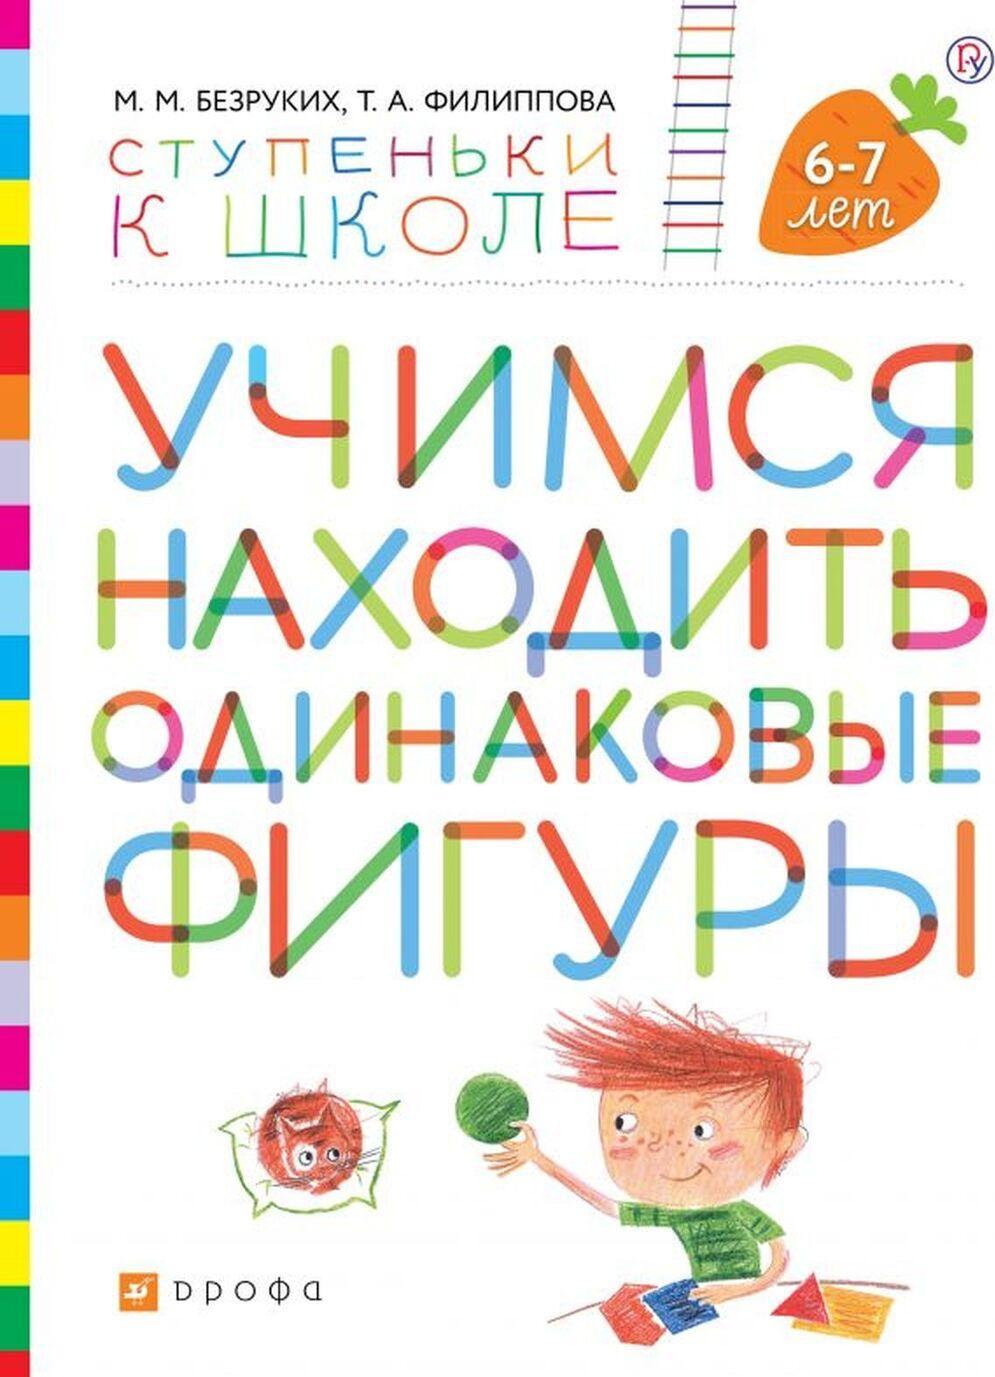 Uchimsja nakhodit odinakovye figury. Posobie dlja detej 6-7 let | Bezrukikh Marjana Mikhajlovna, Filippova Tatjana Andreevna